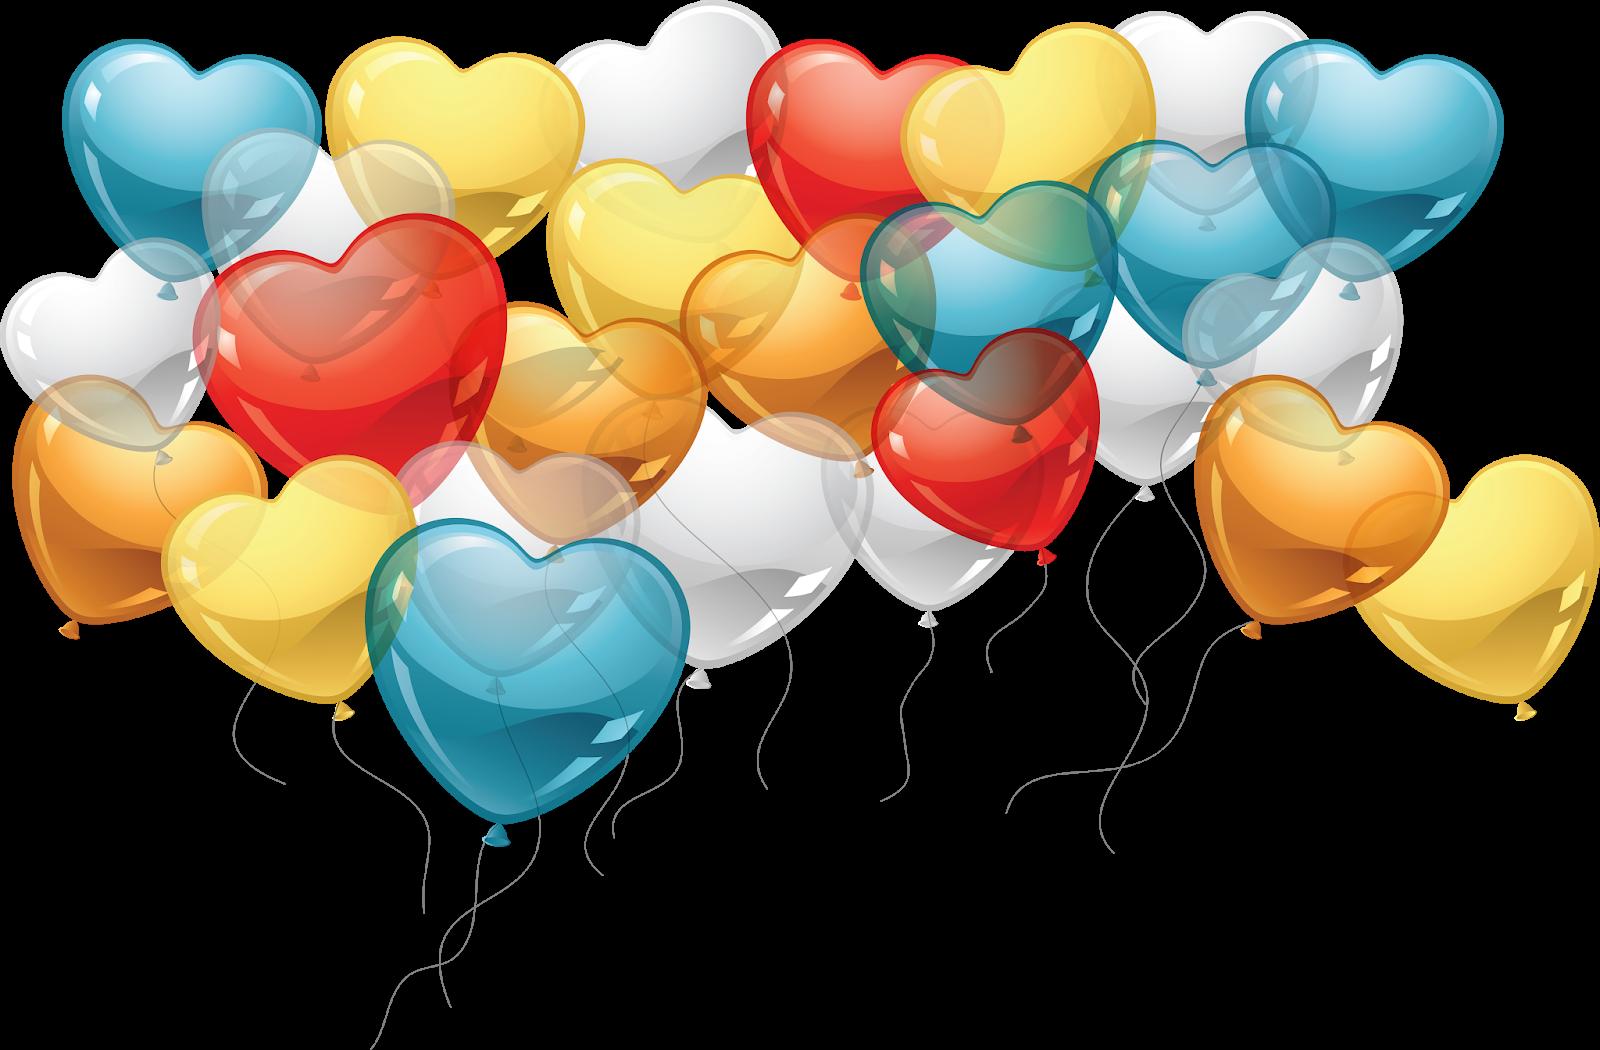 картинки с днем рождения на прозрачном фоне декором стразов бусин